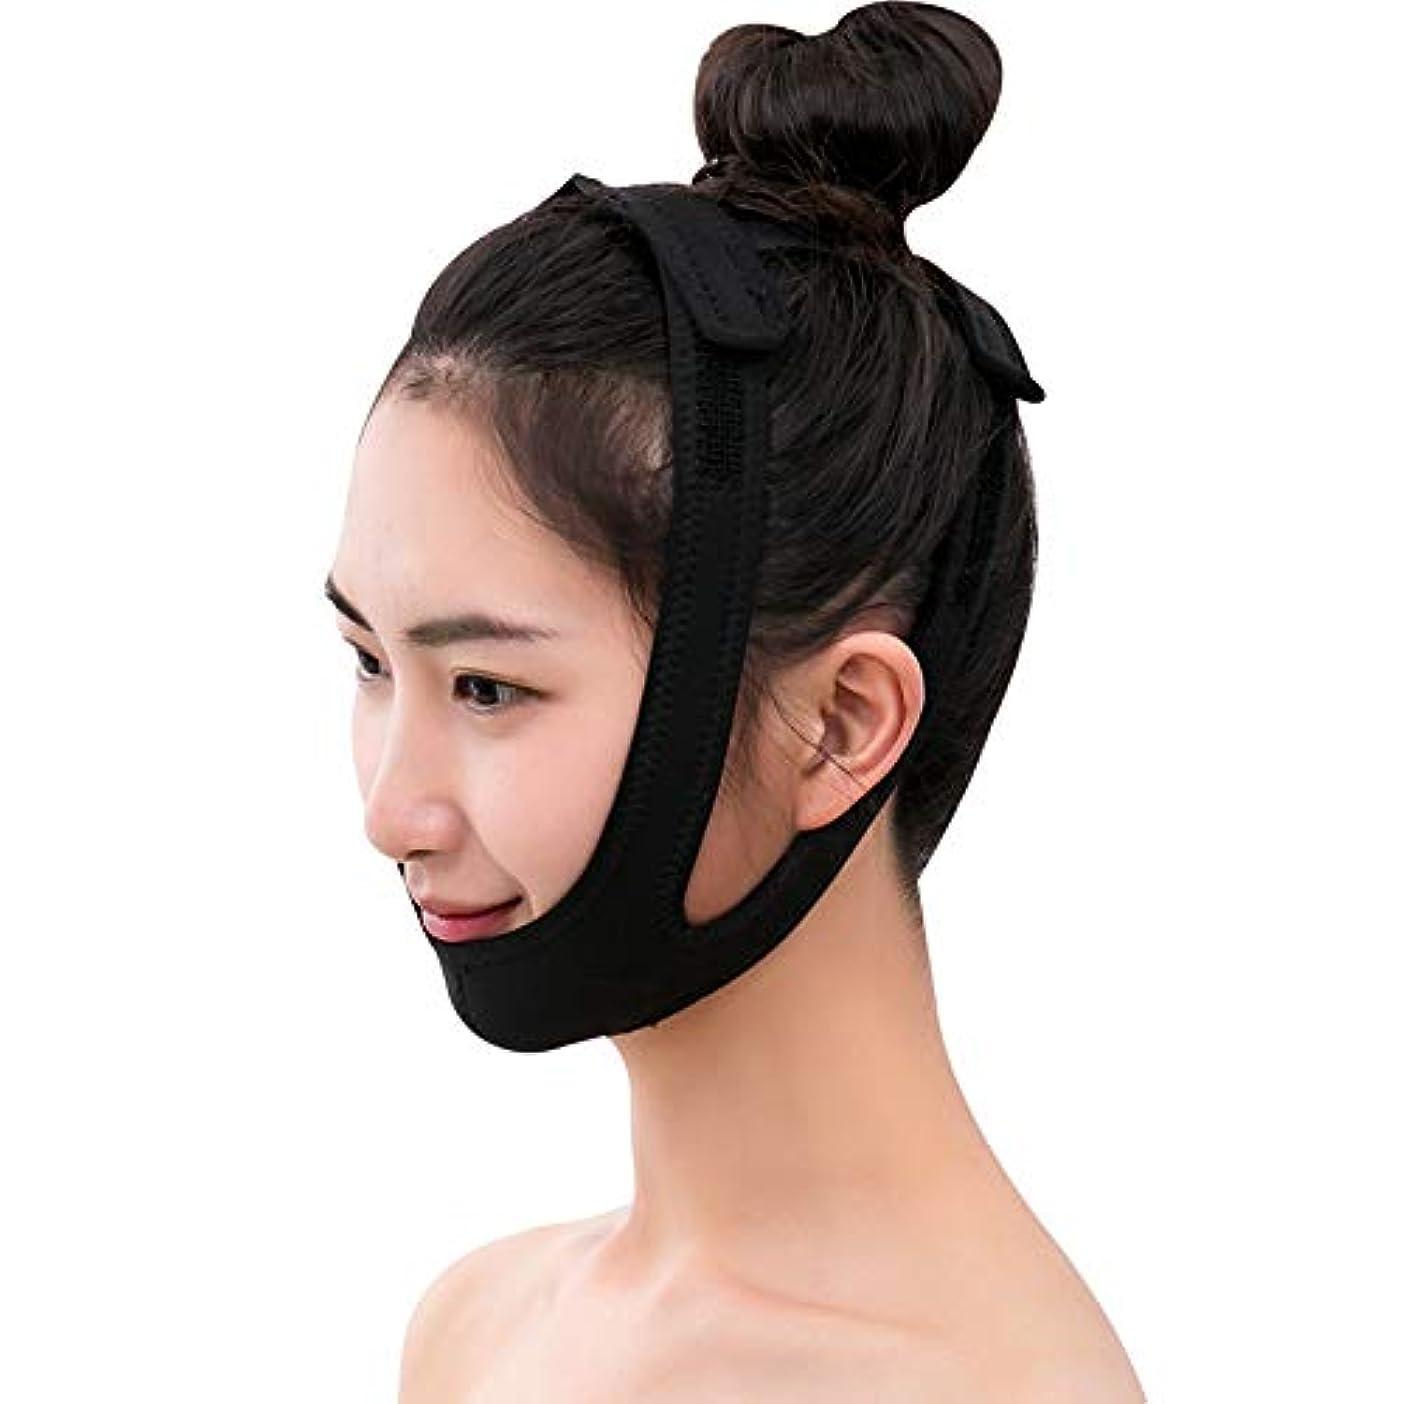 マルクス主義モート堤防Jia He 軽量 薄いフェイスバンド - 薄い顔の包帯ビューティーインストゥルメントフェイシャルリフト睡眠マスク法Vフェイスマスクの通気性を作る ##